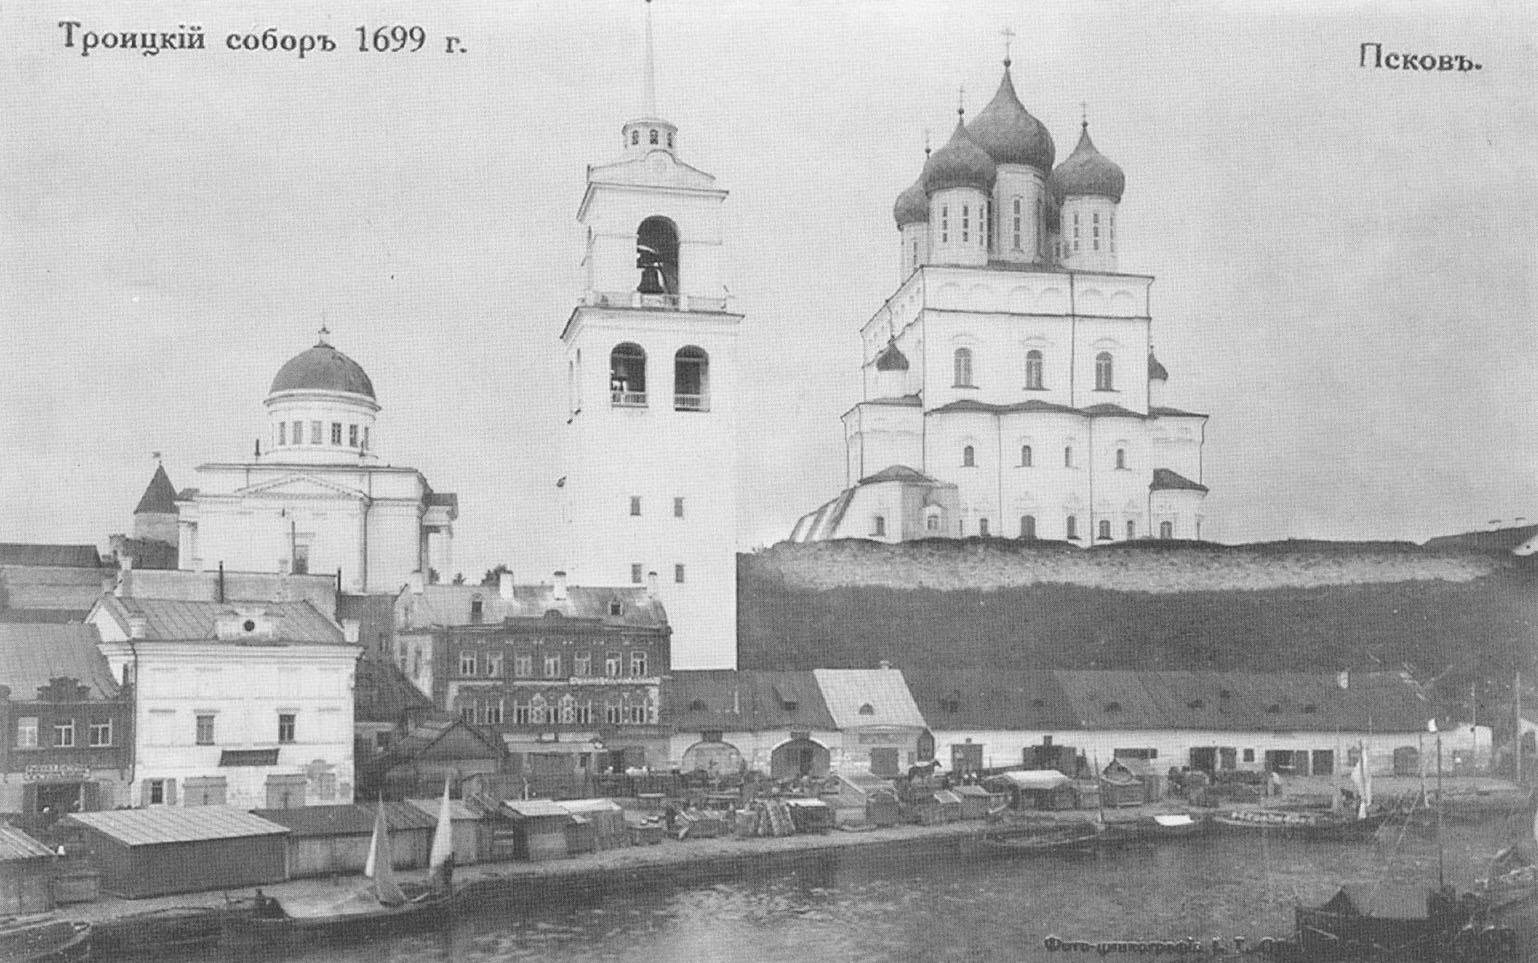 Псков. Троицкий собор. 1699 год.